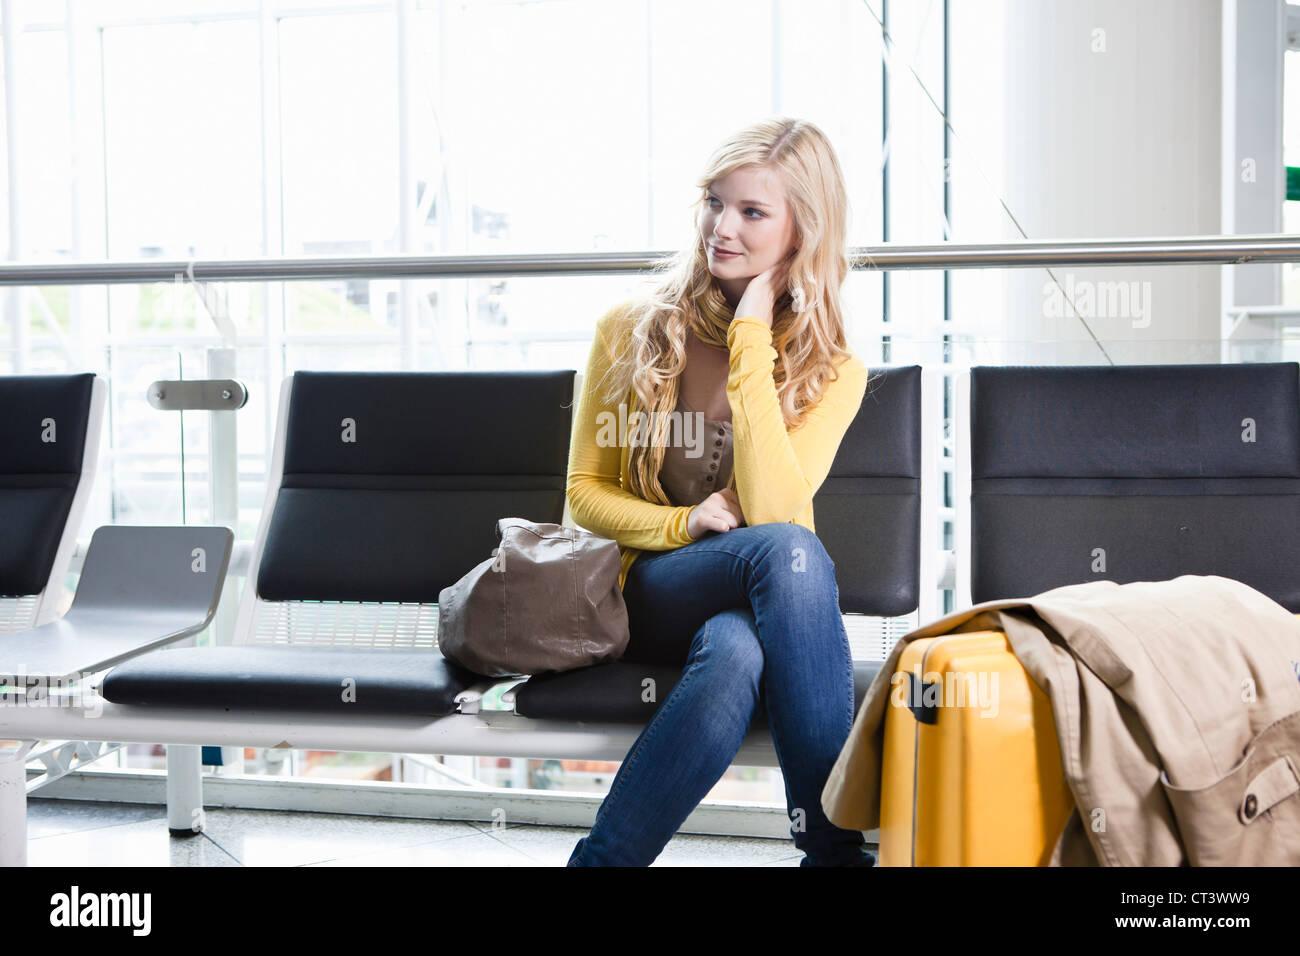 Frau im Wartebereich des Flughafens Stockfoto